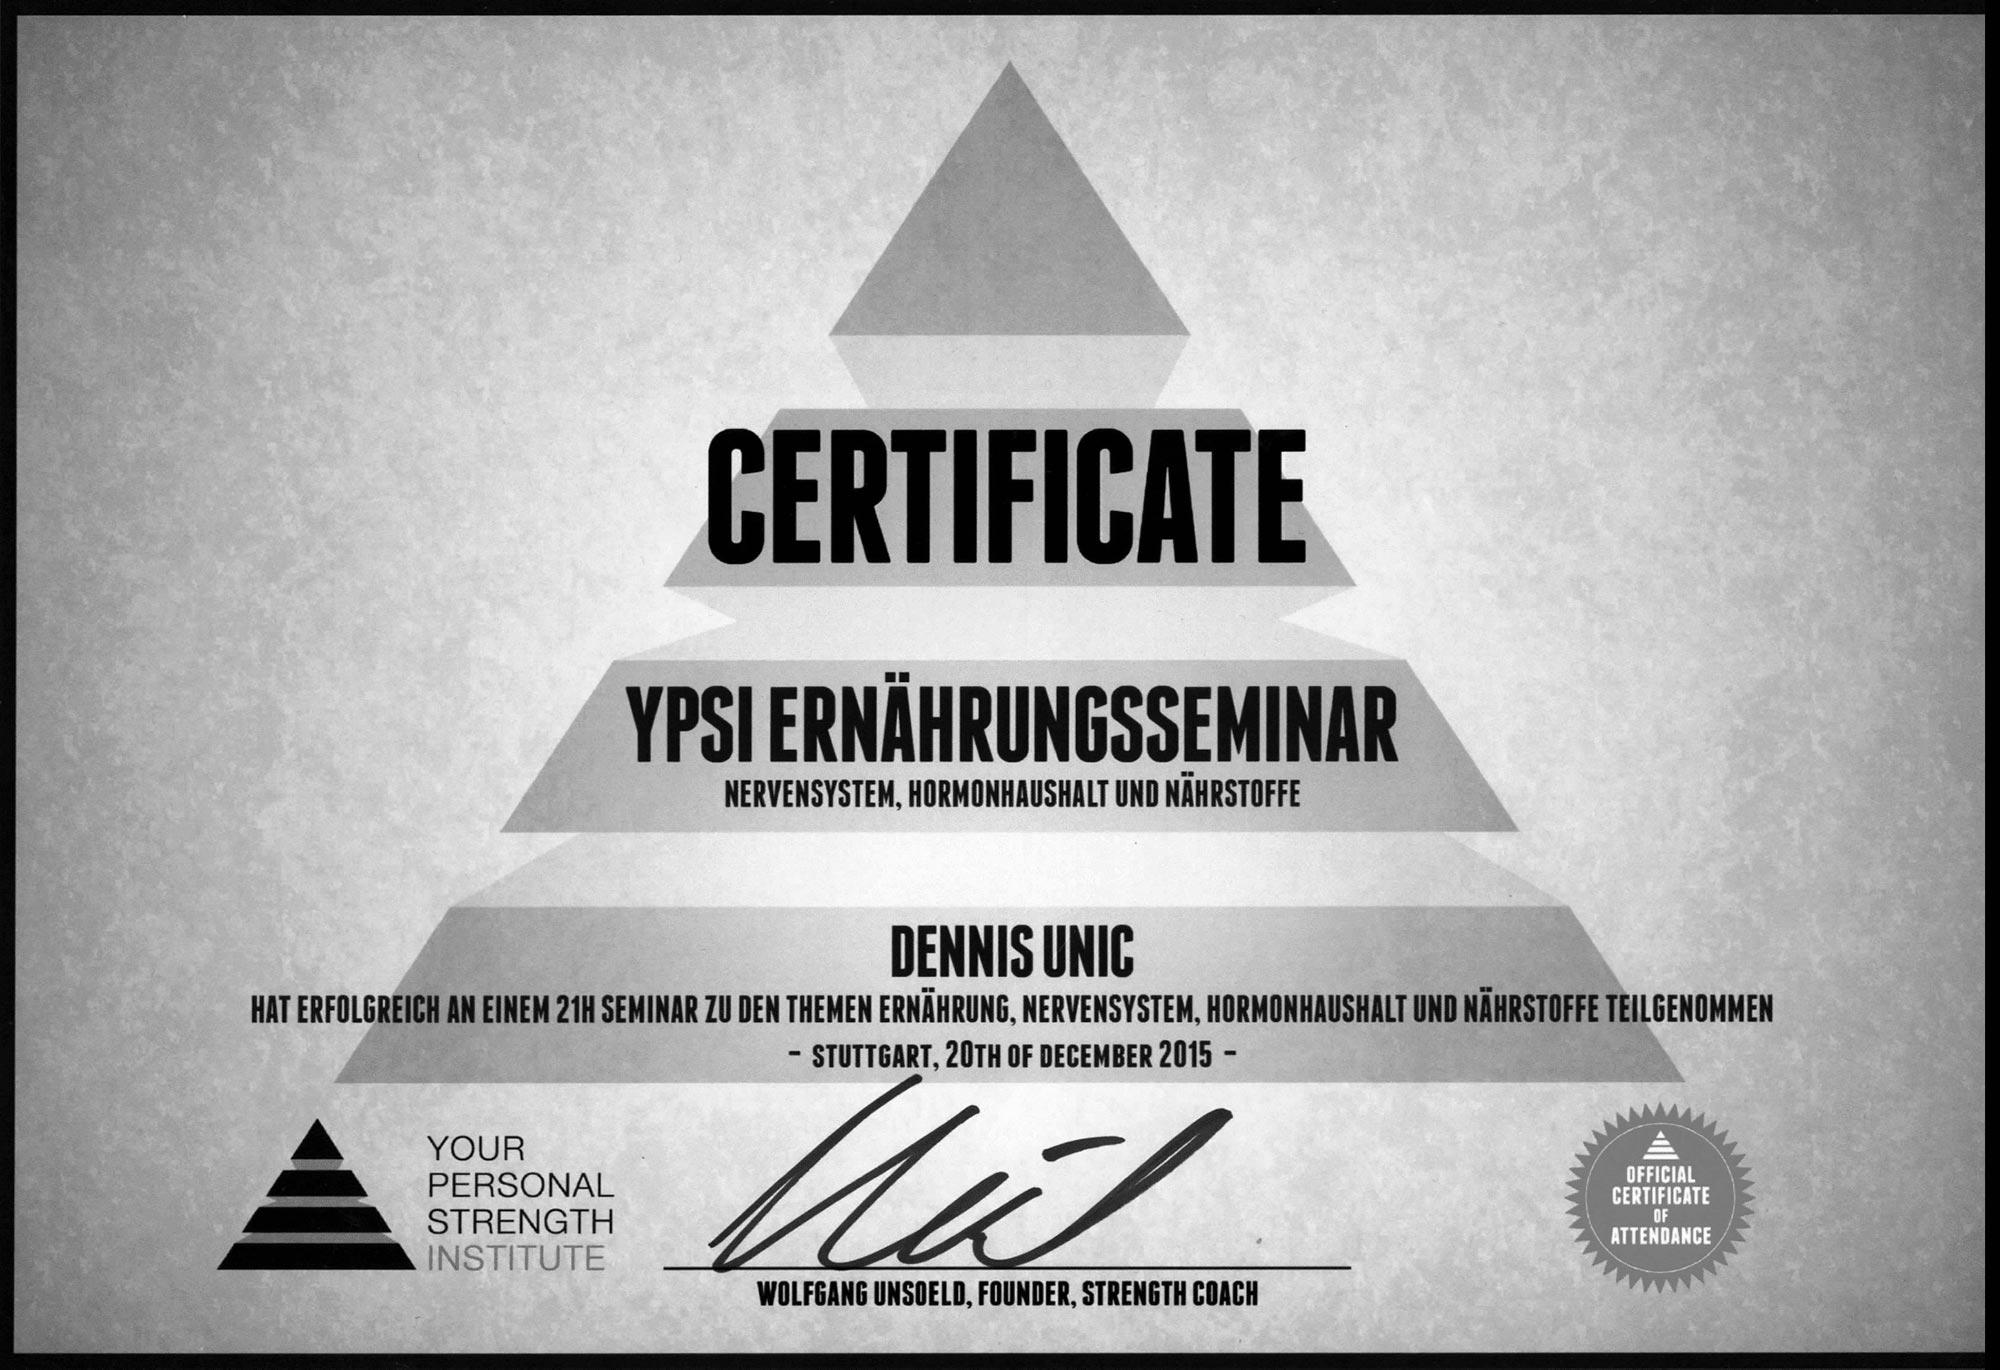 YPSI_Programm_Design_LizenzSW